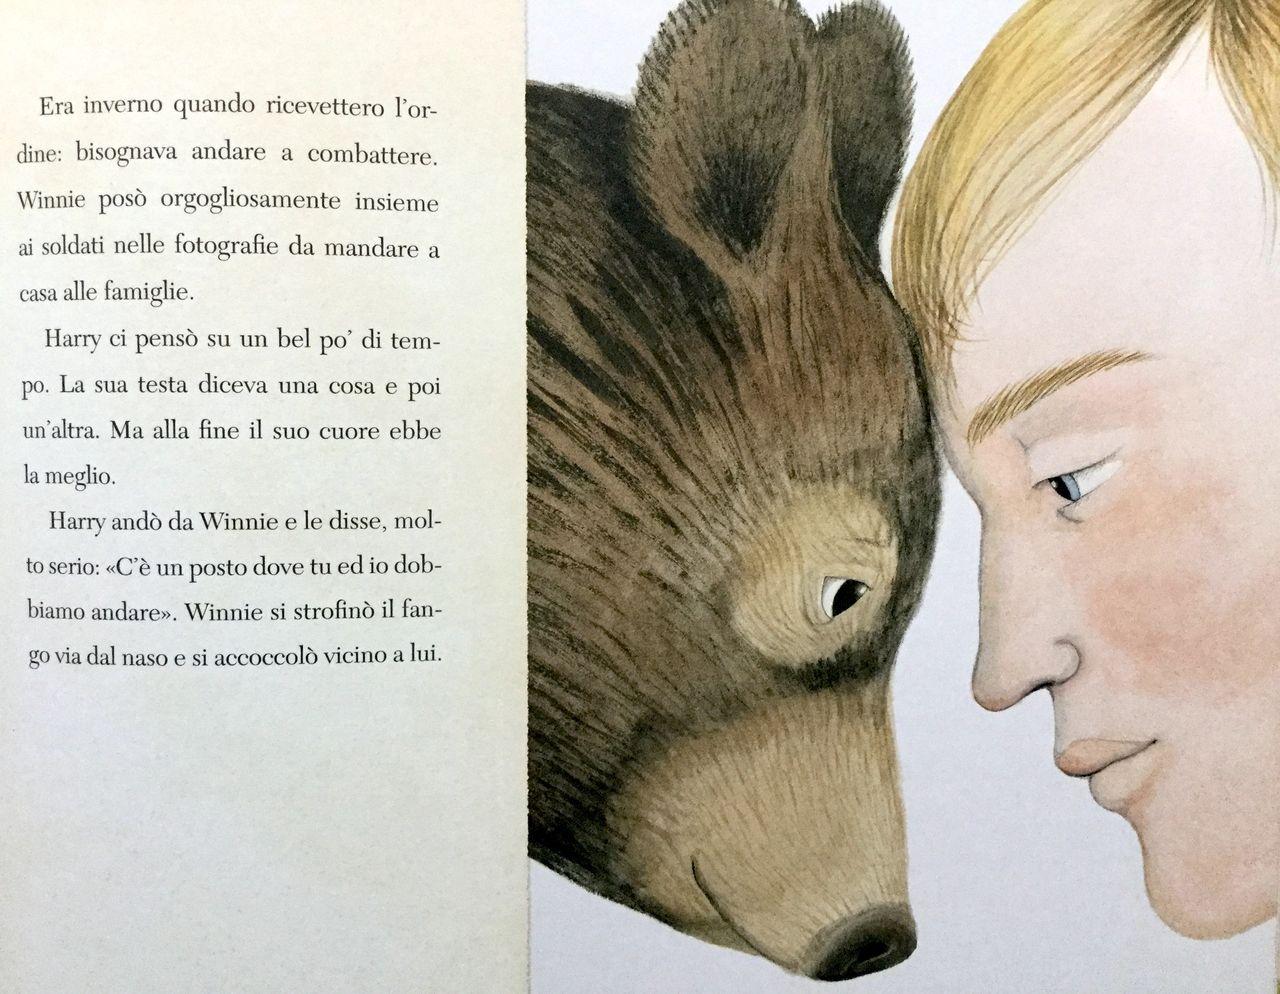 L. Mattick - S. Blackall, La vera storia dell'orso Winnie, Mondadori